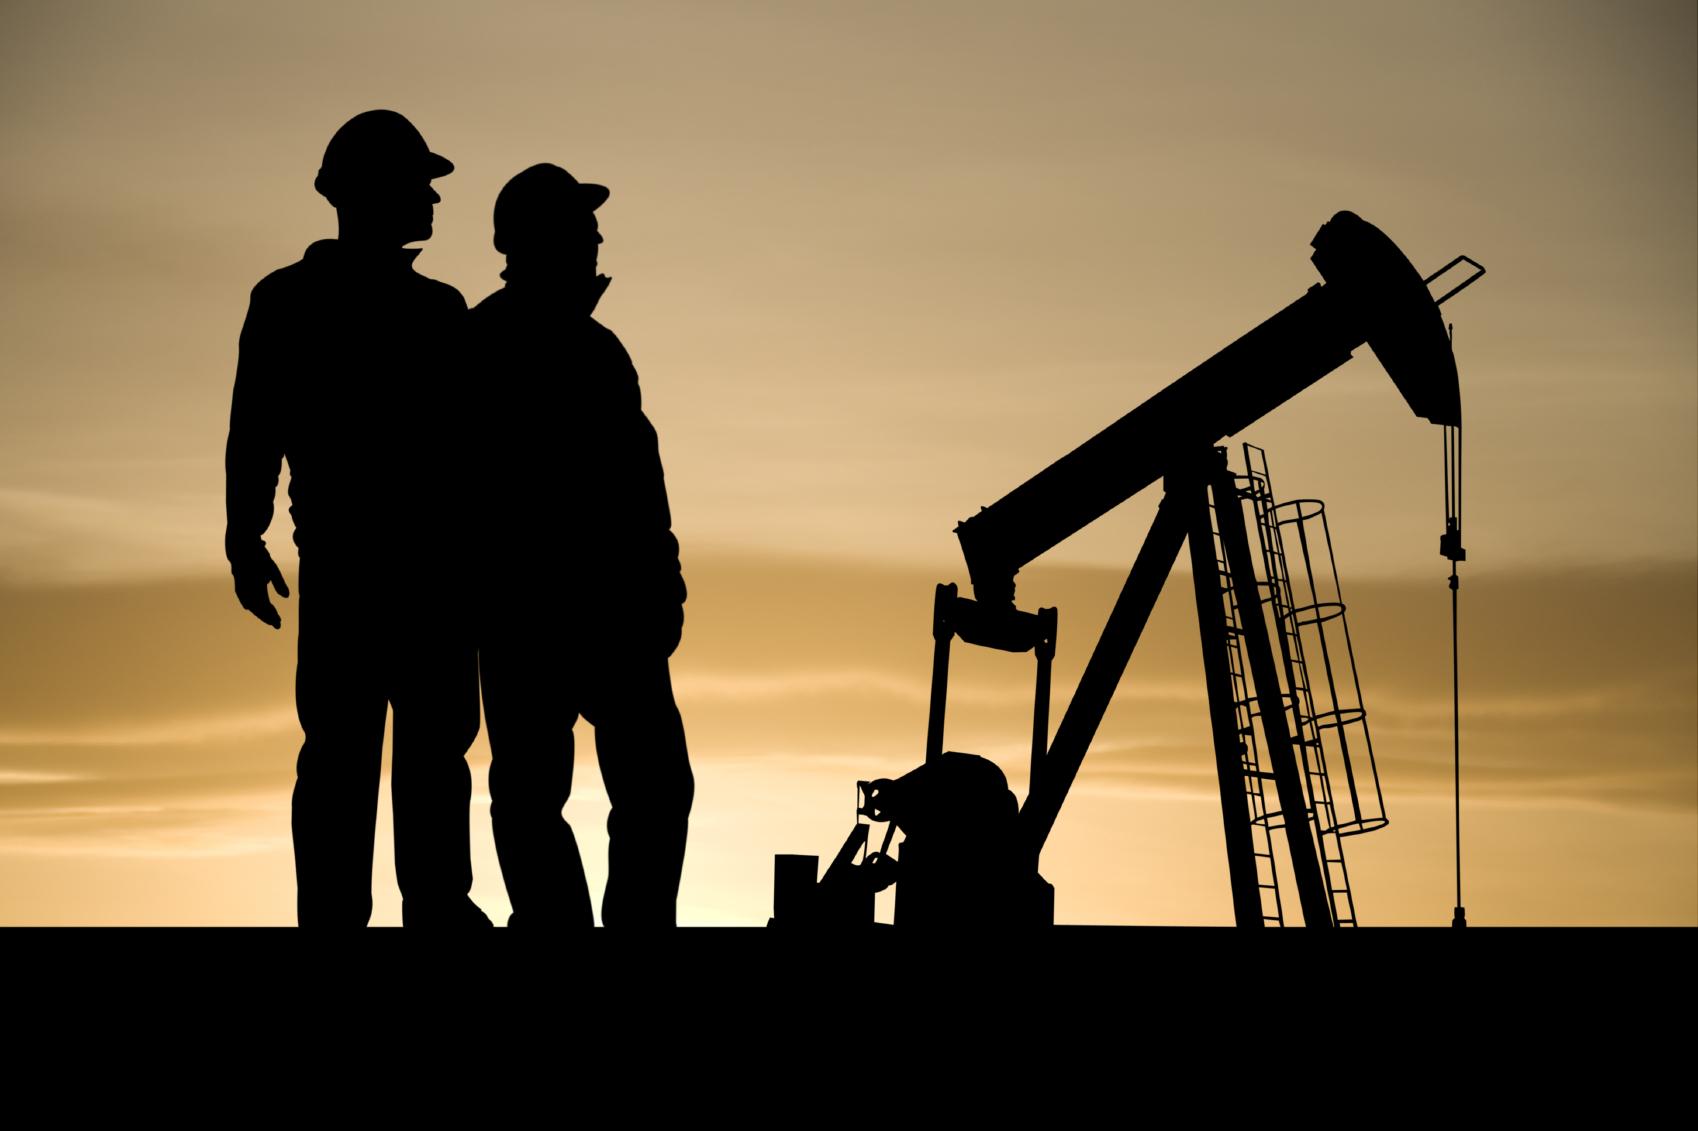 Colombia: Bloqueos en 3 departamentos impactan producción de gas y generan riesgos